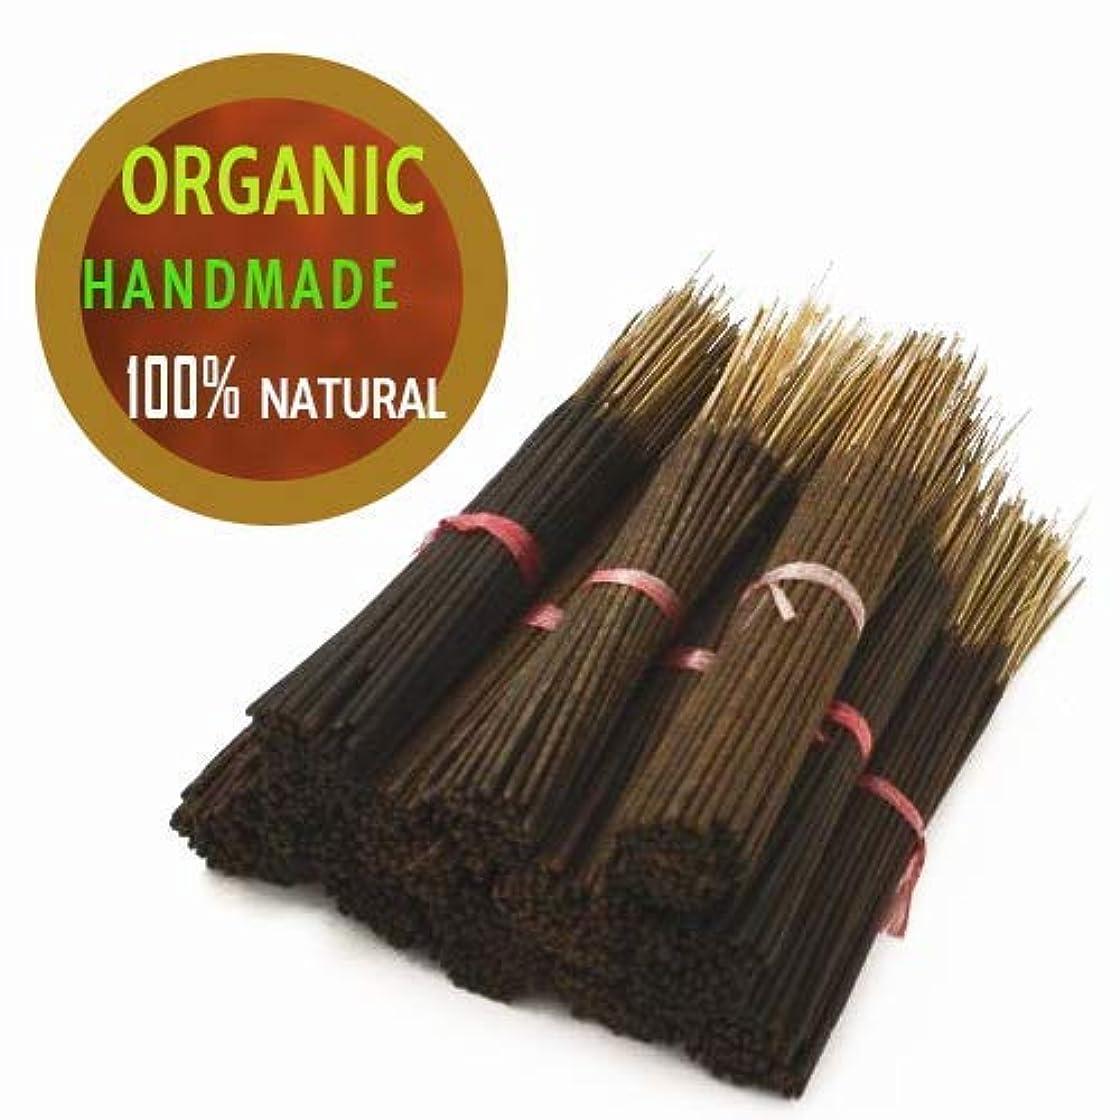 信じられない除去鈍いYajna Frankincense And Myrrh 100% Natural Incense Sticks Handmade Hand Dipped The Best Woods Scent (500 Pack-100...